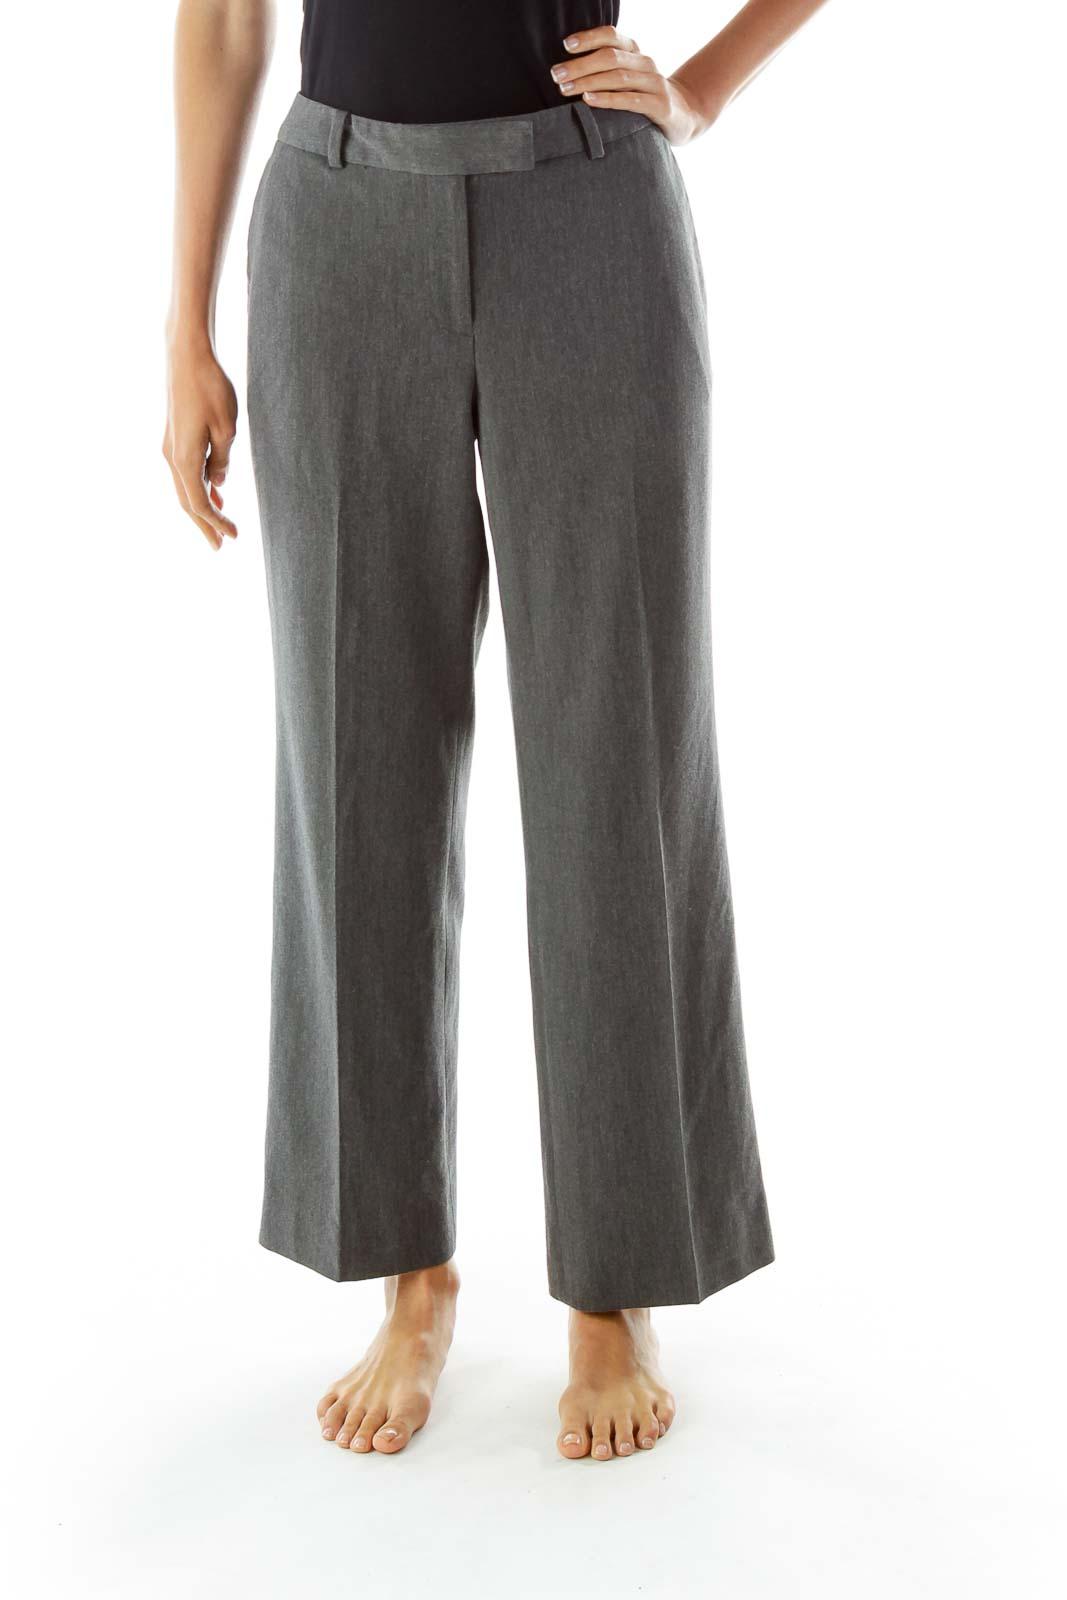 Gray Straight-Leg Slacks Front